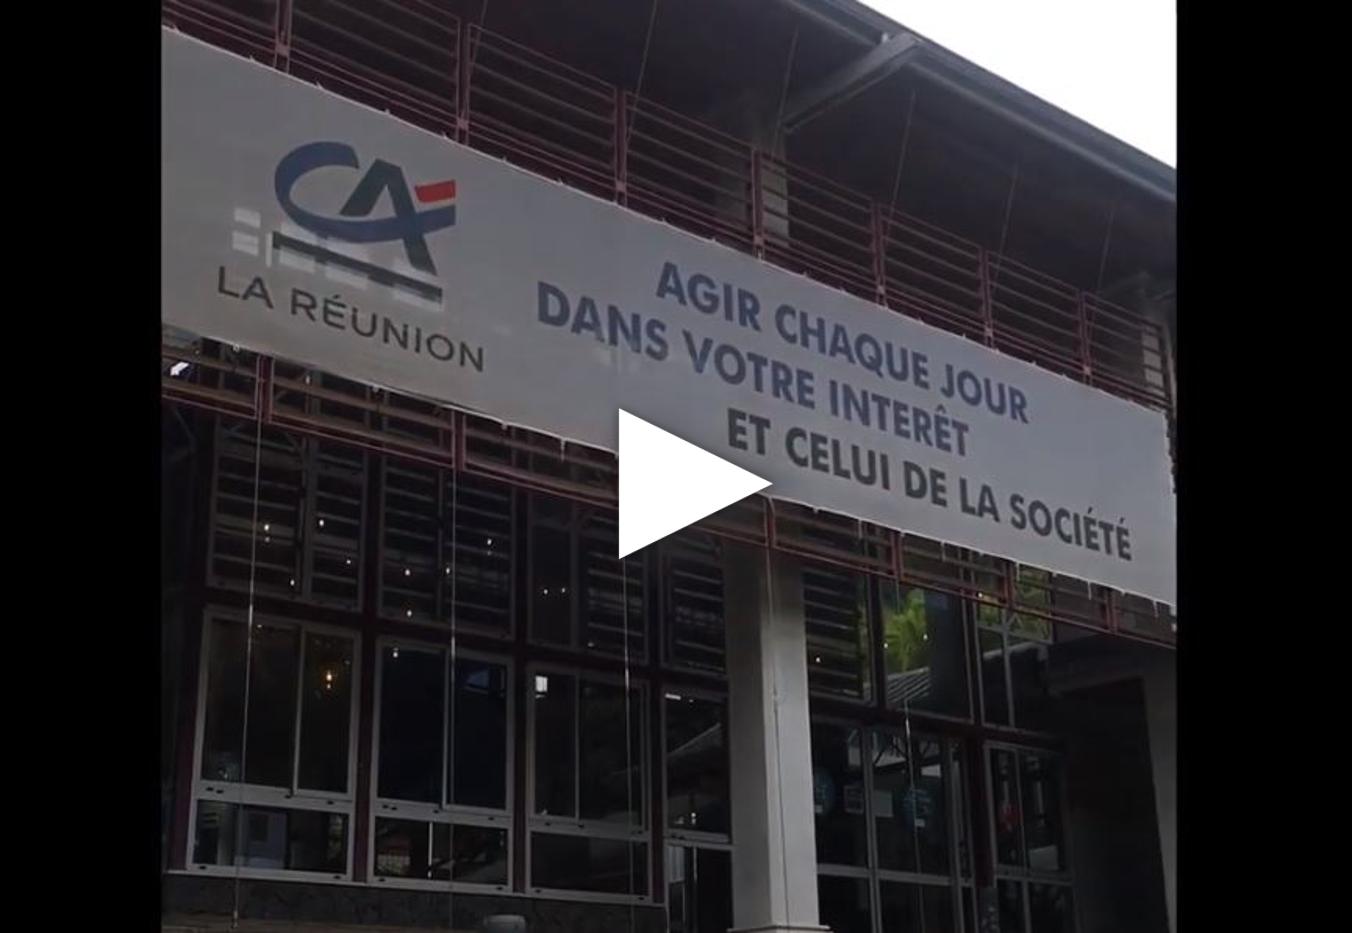 Crédit Agricole de la Réunion - Image de la devanture du siège